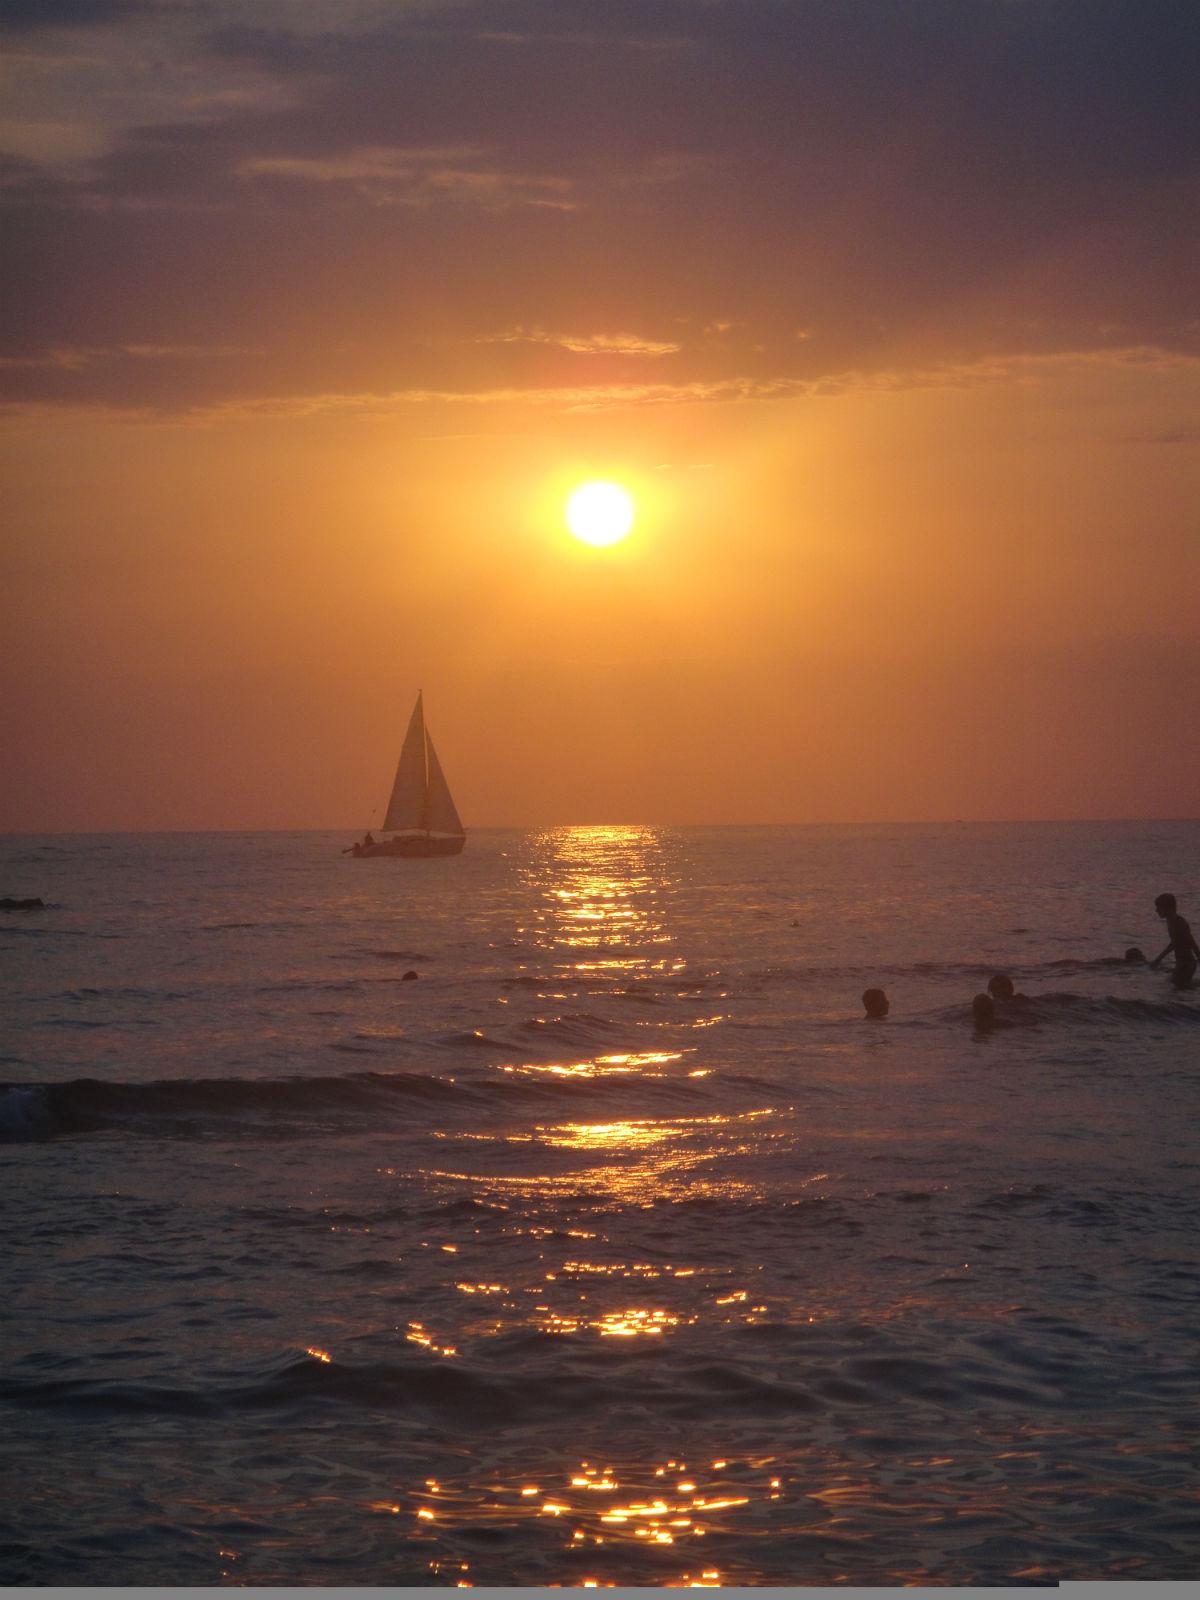 foto di tramonti sul mare foto del mare al tramonto immagini di tramonto sul mare immagini tramonto mare tramonti sul mare immagini tramonto mare foto immagini del mare con il tramonto foto tramonti al mare tramonti al mare immagini tramonti mare immagini tramonto mare immagini immagini di tramonto al mare immagini di tramonti al mare